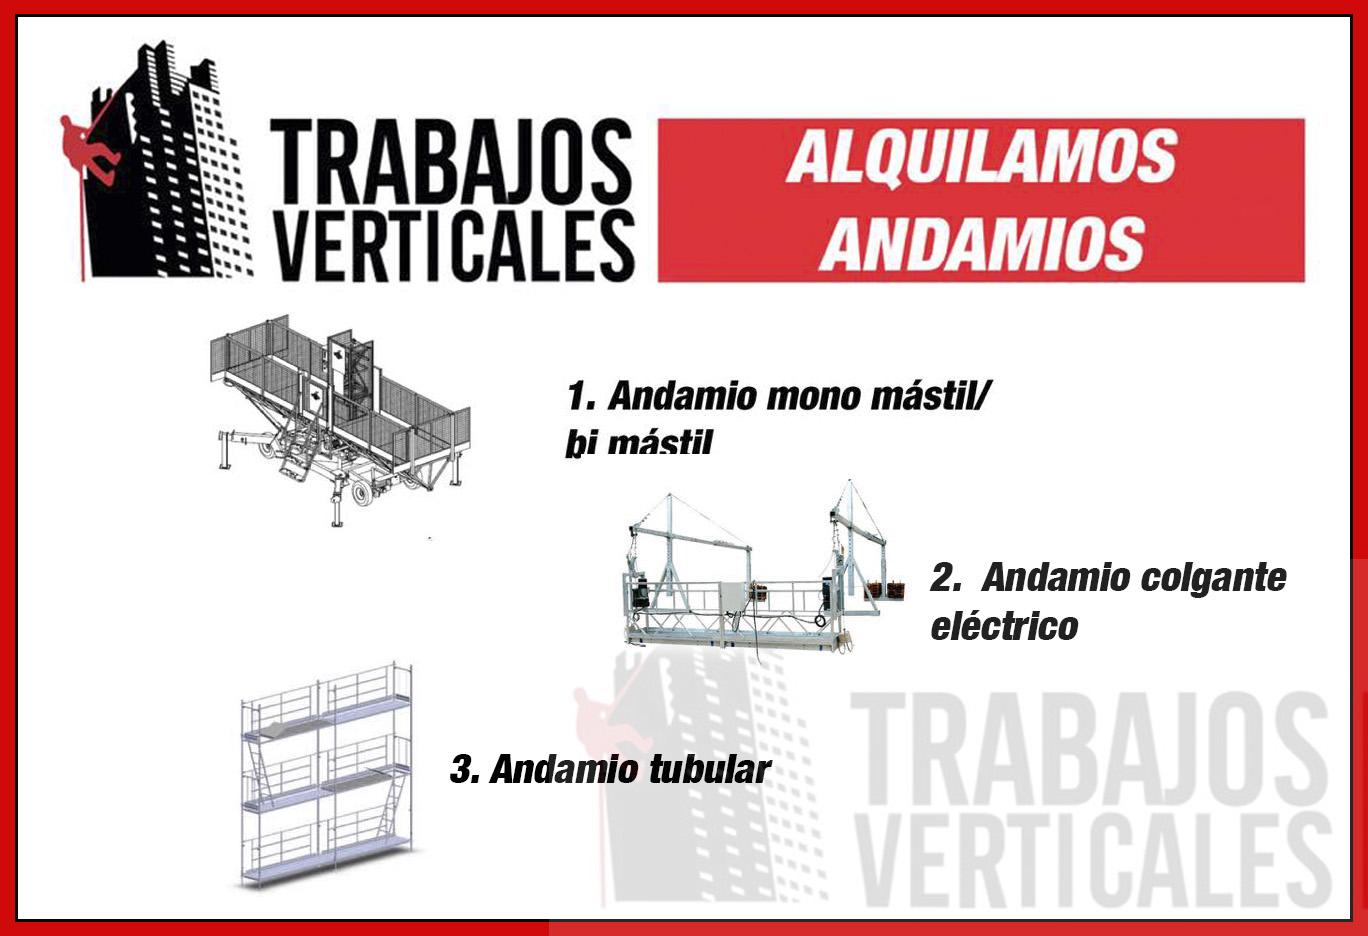 mostramos los andamios de alquiler de trabajos verticales palma